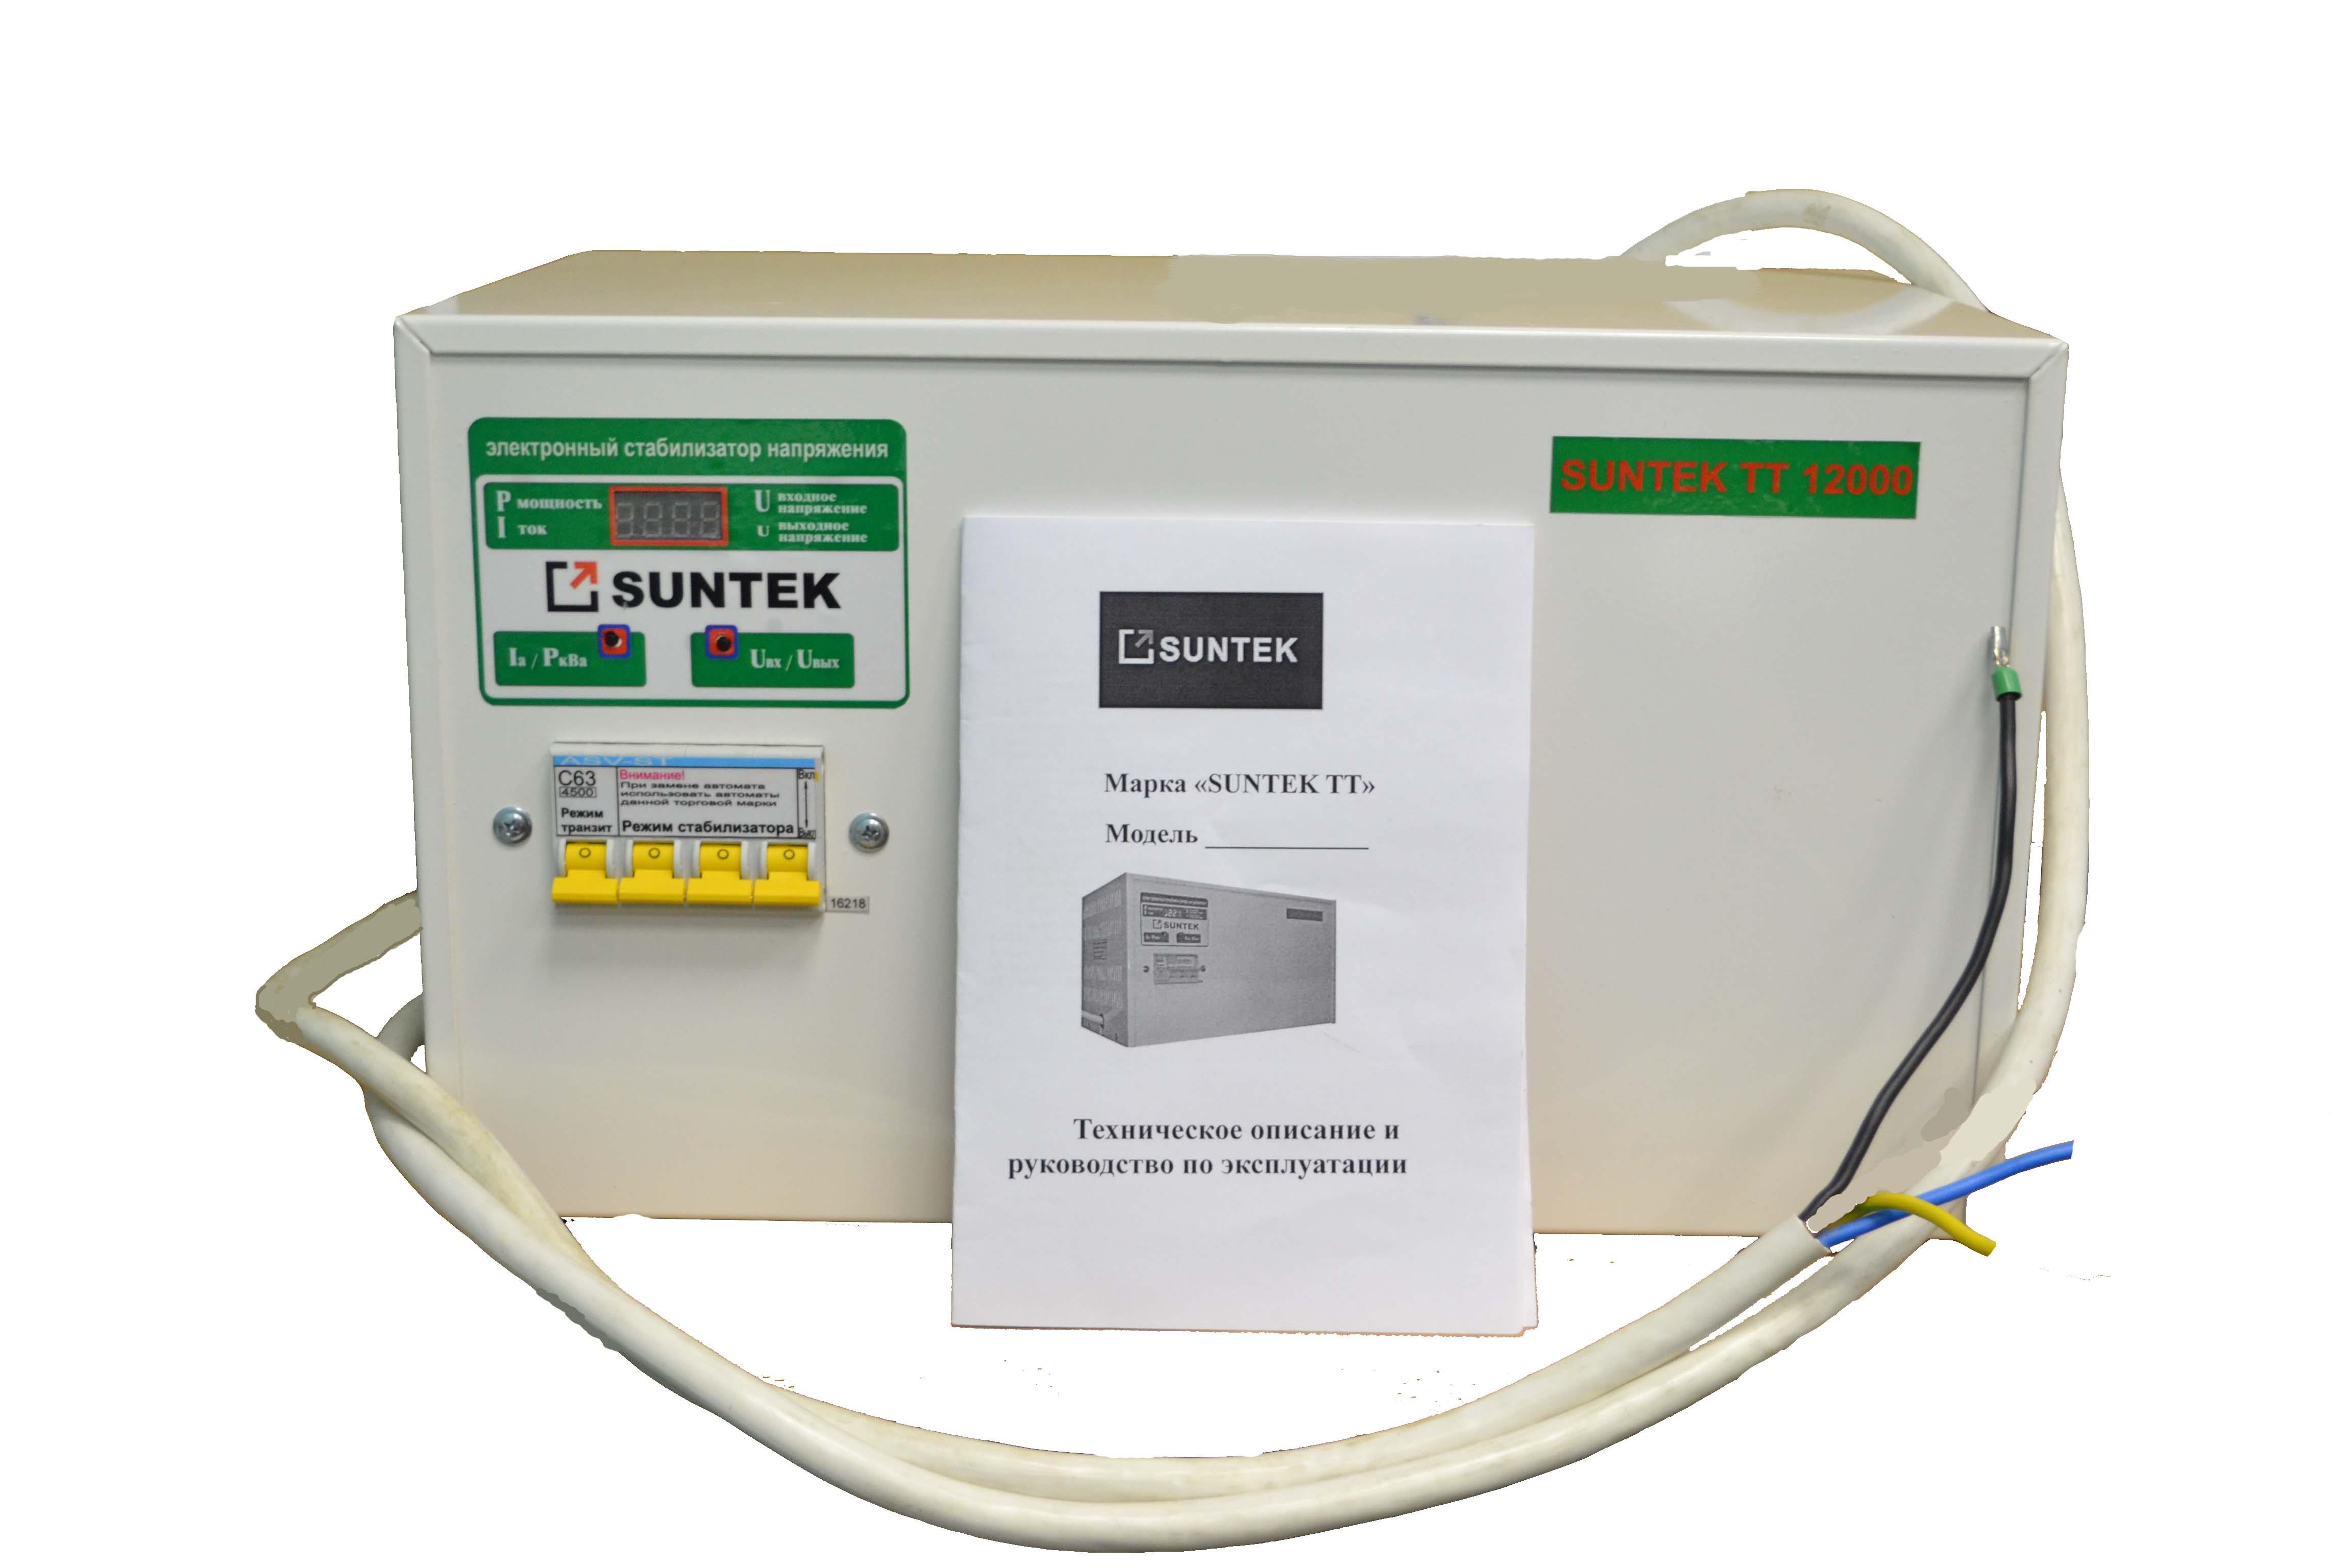 Стабилизатор напряжения симисторный (тиристорный)  SUNTEK ТТ 20000 НН пониженного напряжения от 85 до 265 Вольт